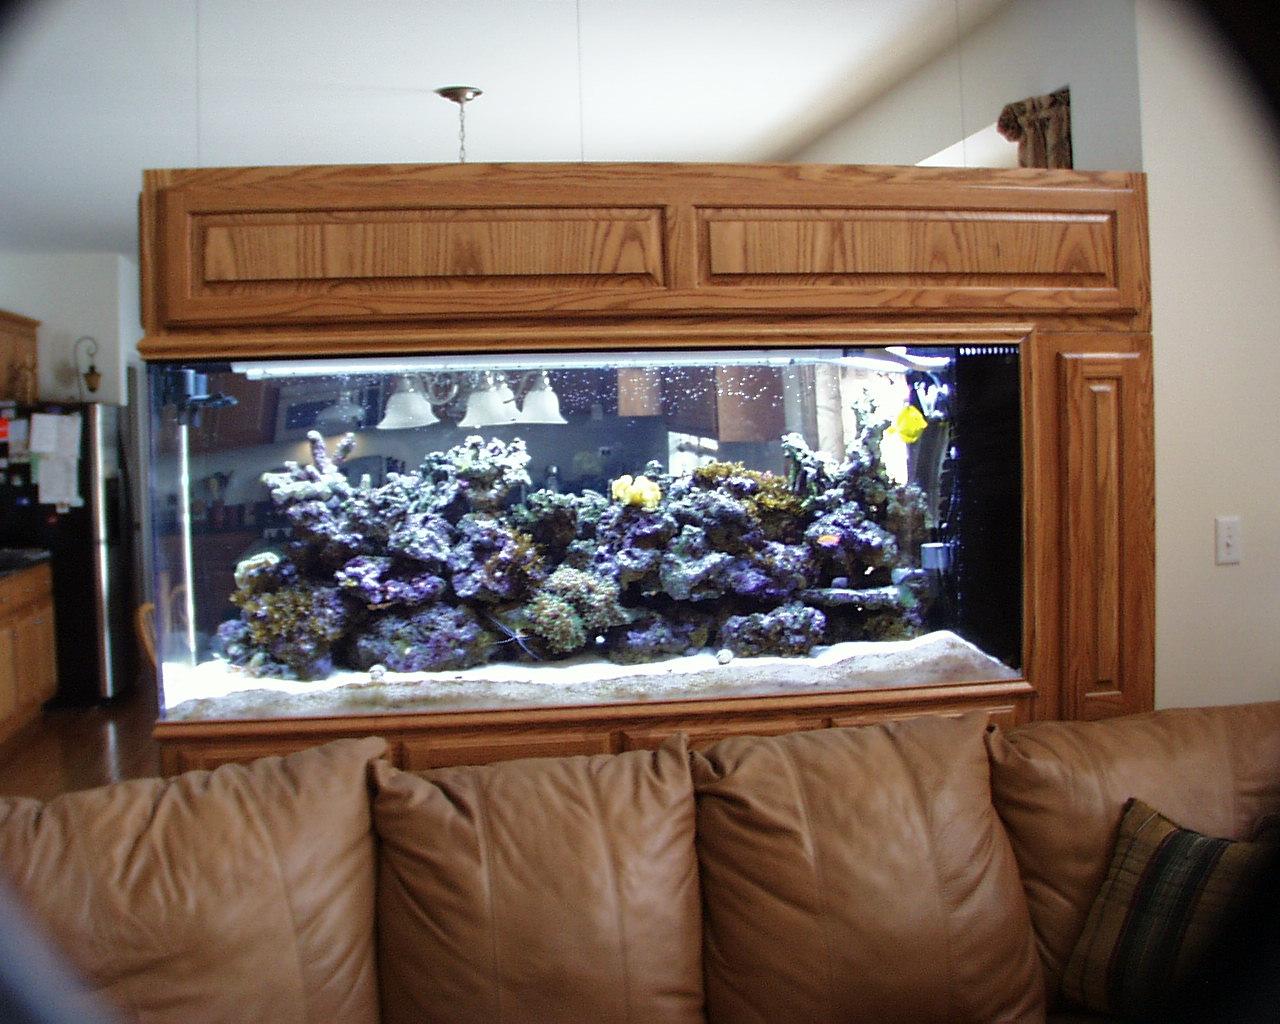 Aquarium Equipment